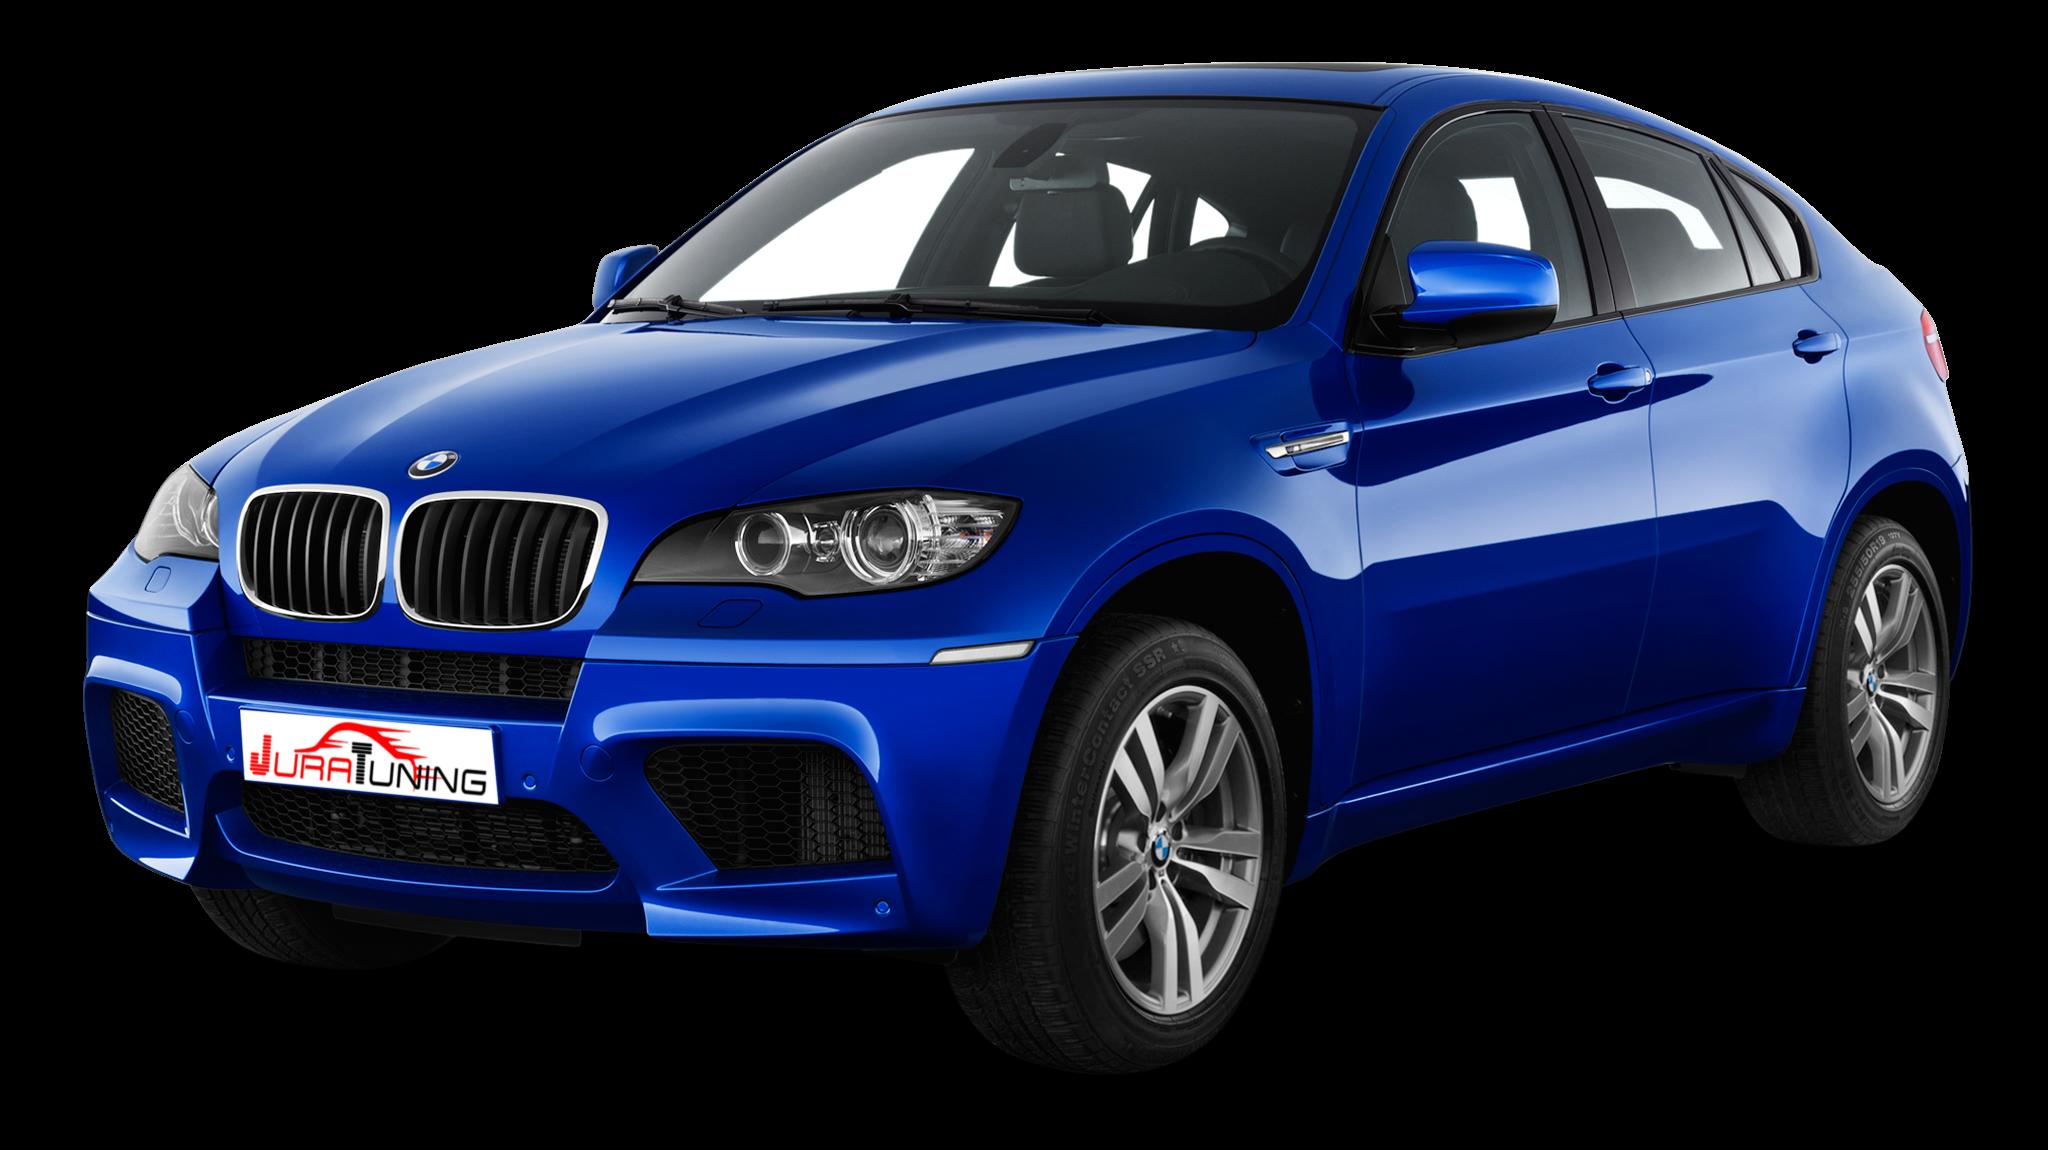 BMW X6 - E71, E72 (2008-2014)